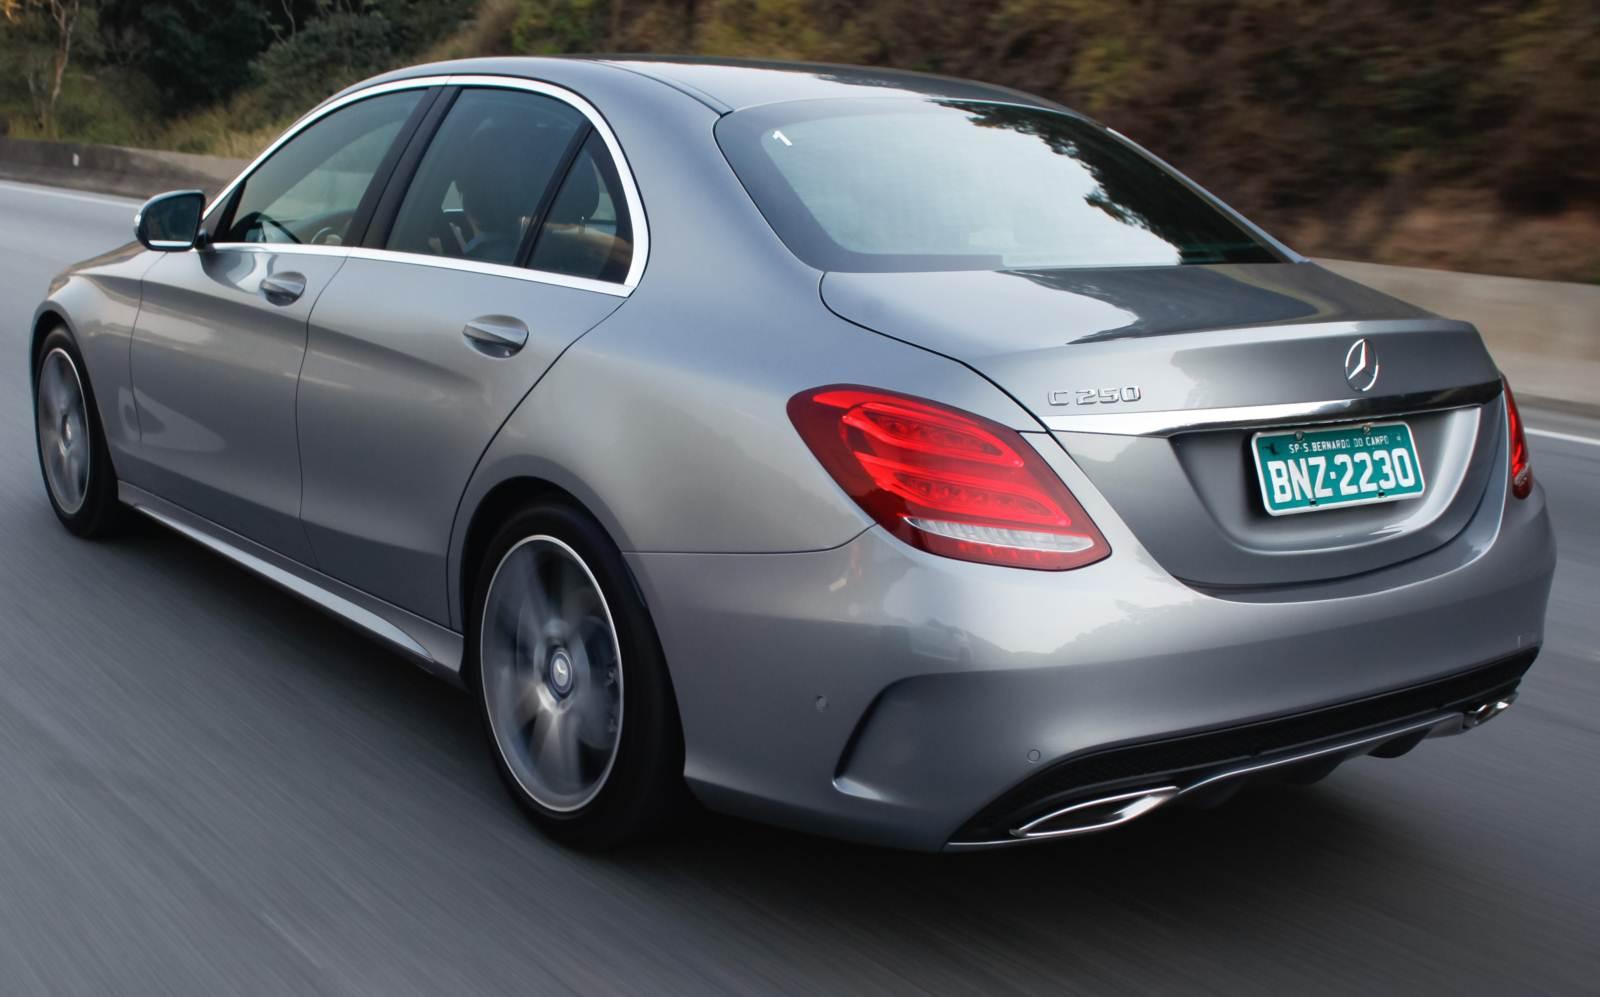 Mercedes-Benz - segunda marca de luxo mais vendida em 2015